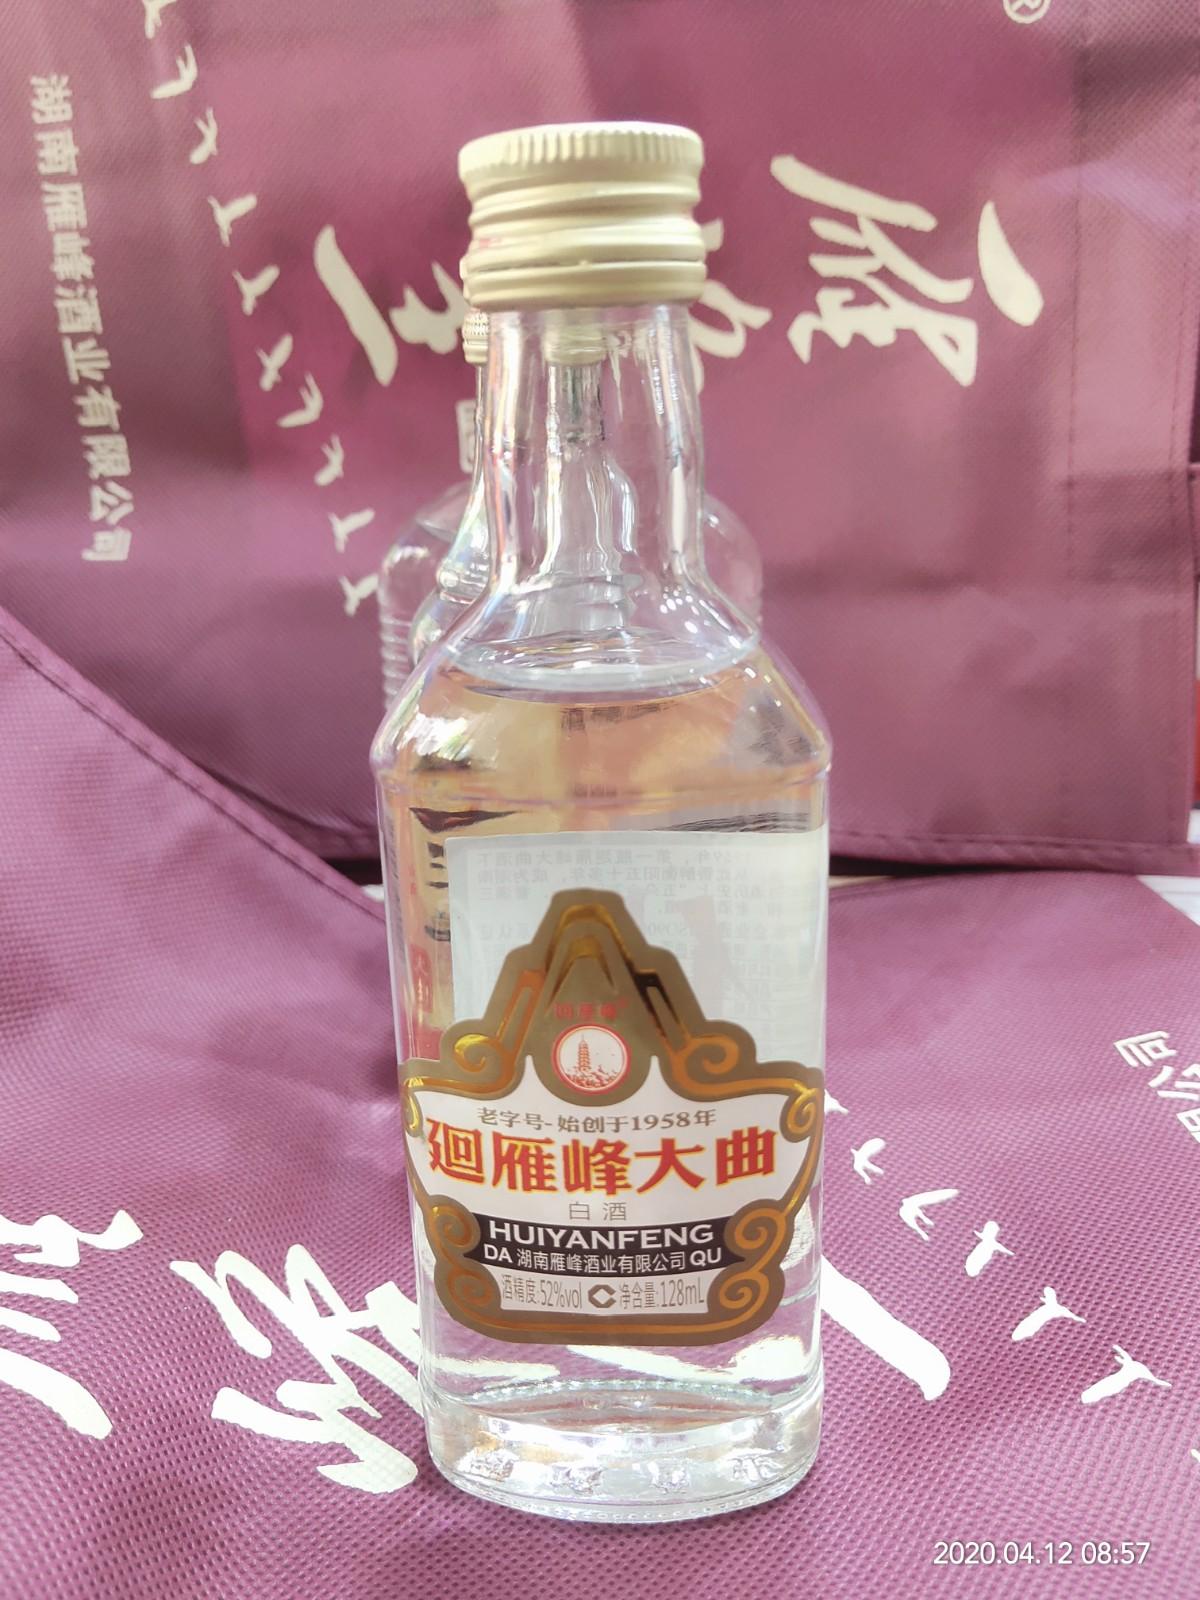 衡阳雁峰王雁峰酒迴雁峰大曲128ml52度单瓶老字号回雁峰10瓶包邮